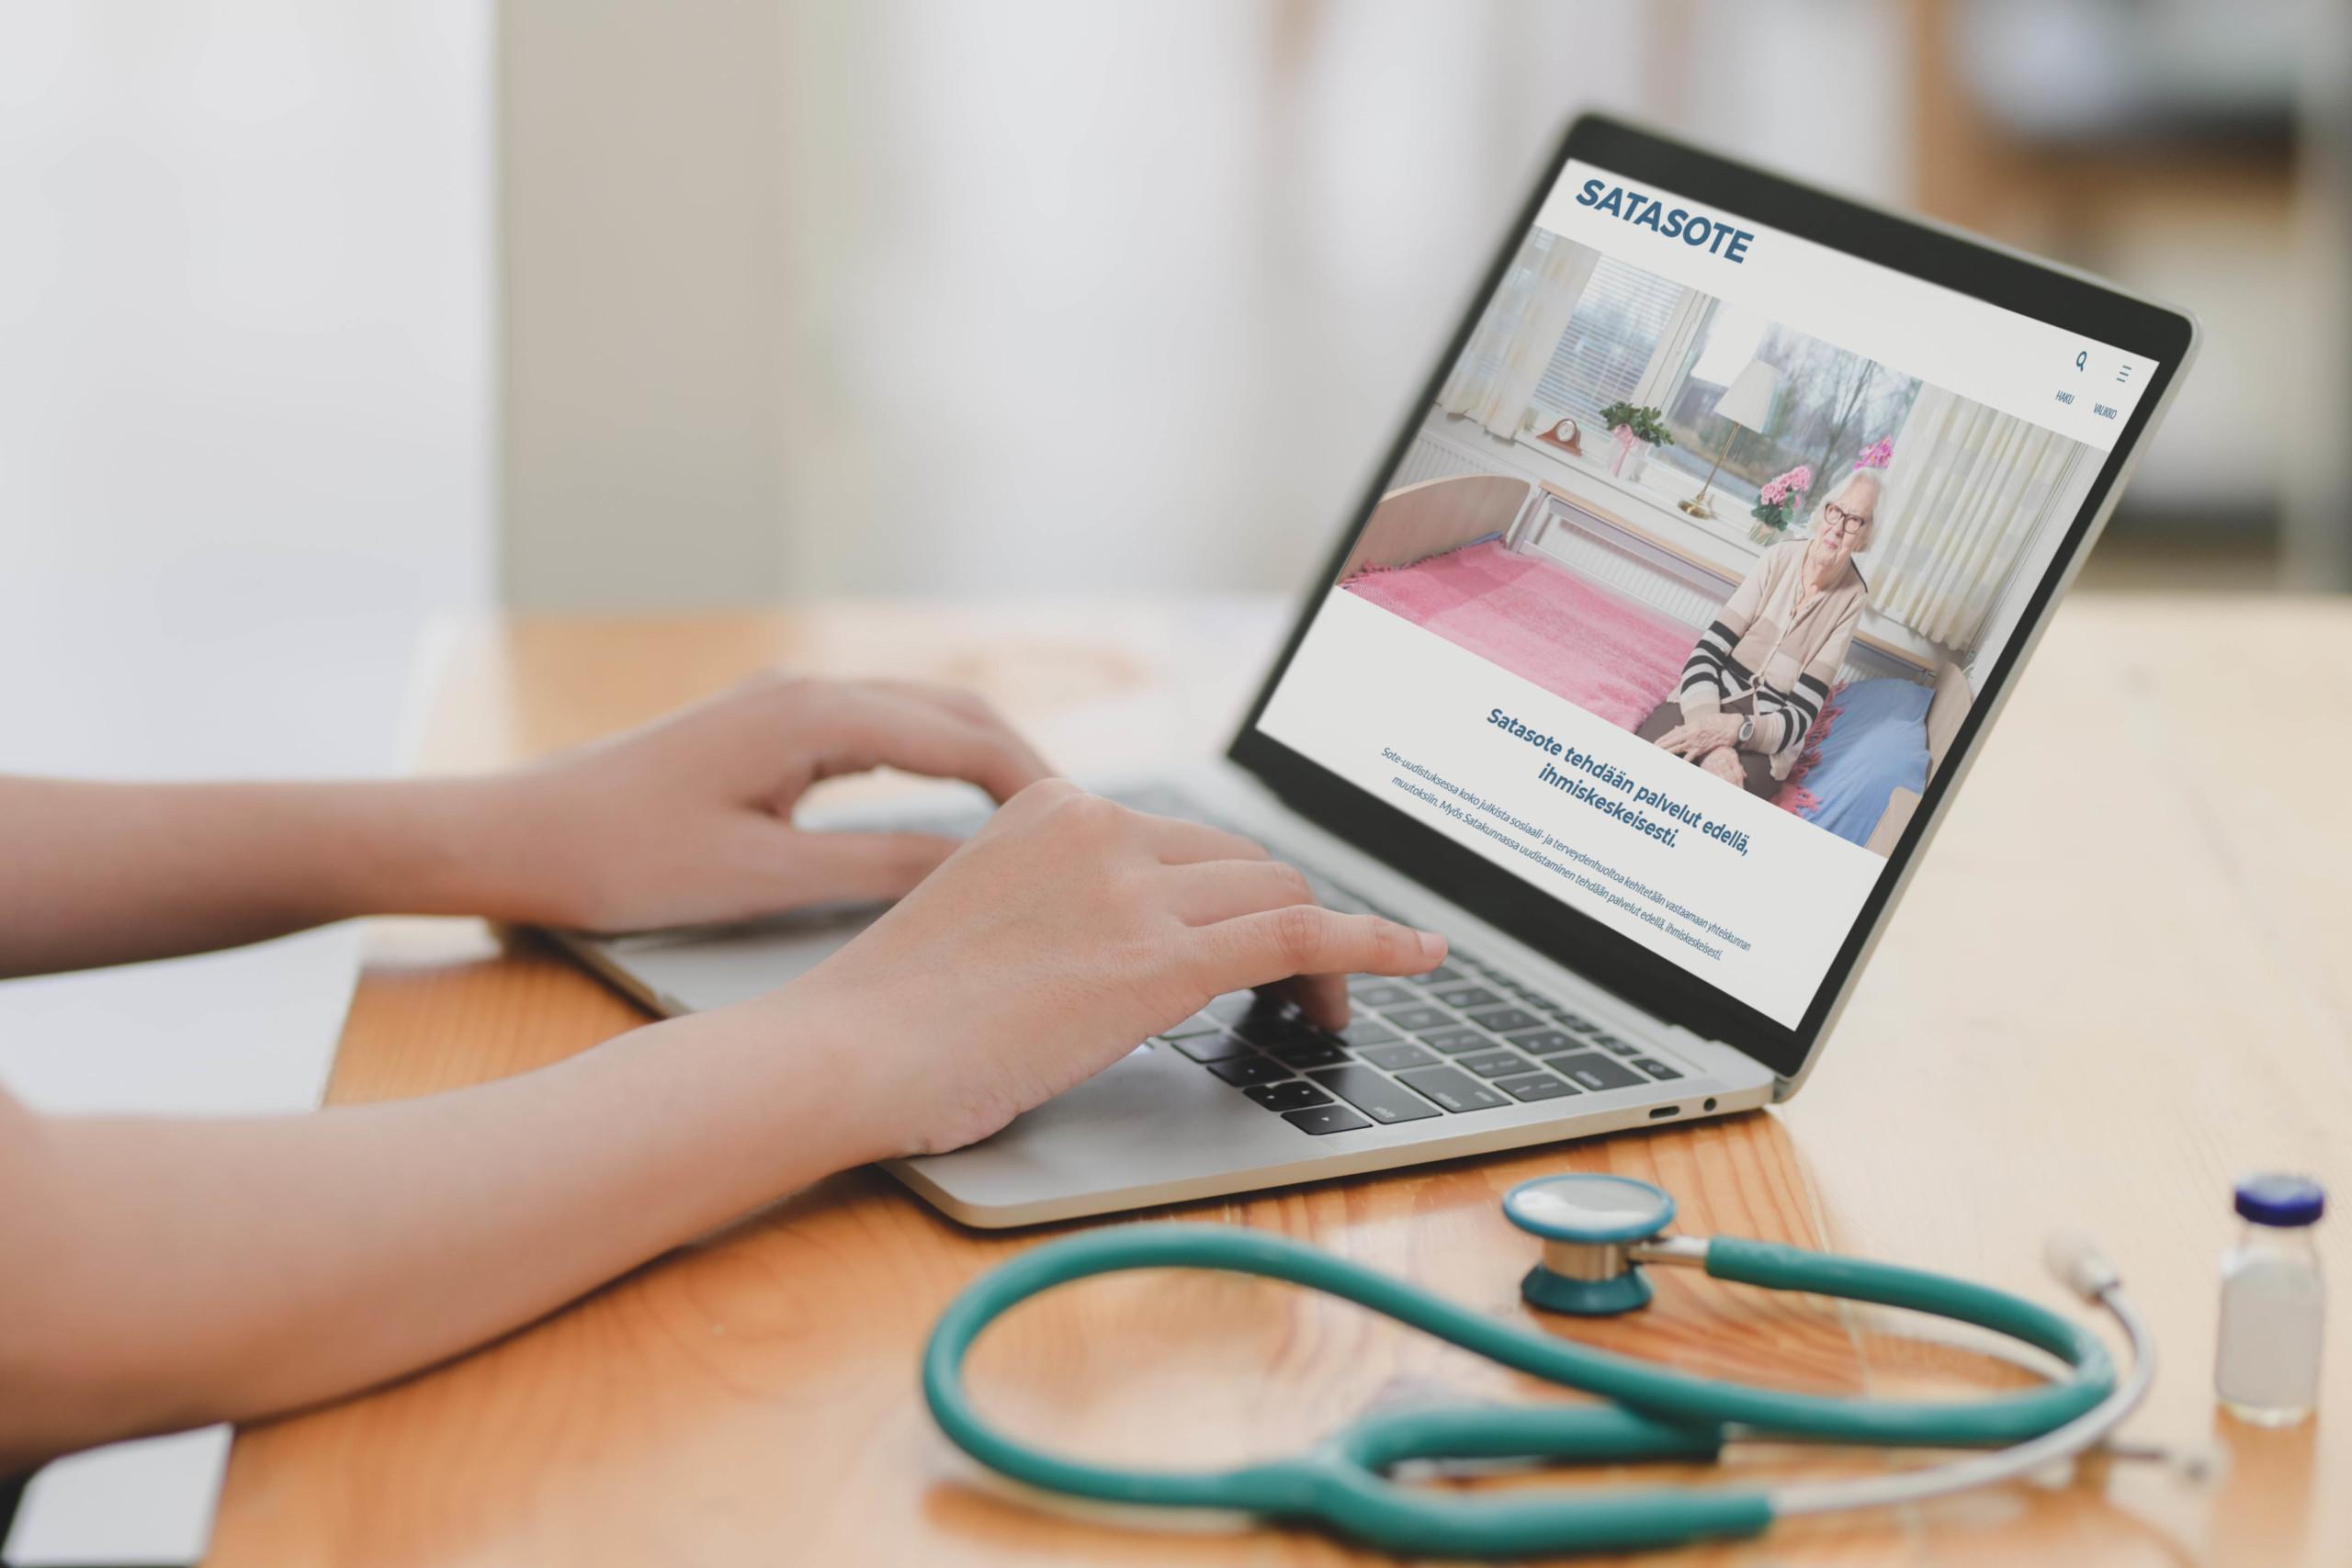 Terveydenhuollon työntekijä tietokoneen ääressä missä on avoinna Satasoten internetsivut